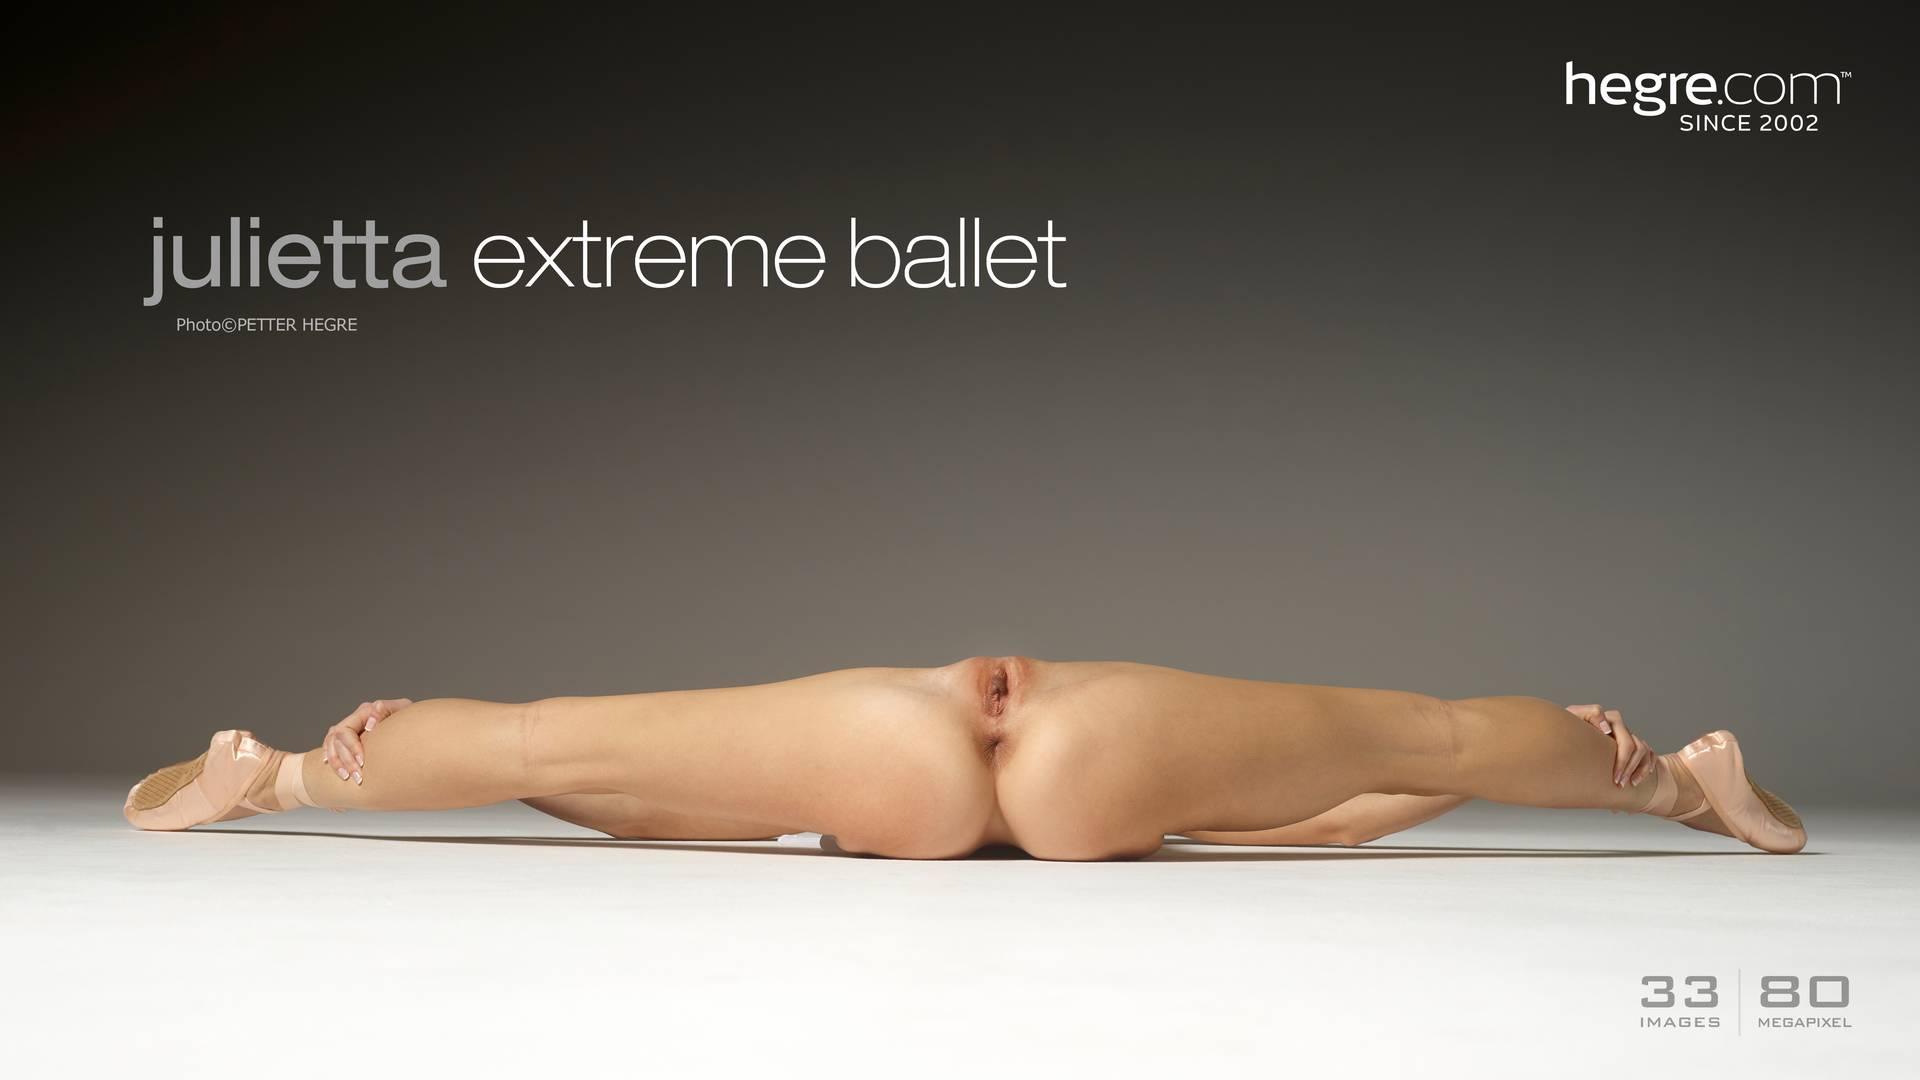 julietta-extreme-ballet-board-image-1920x